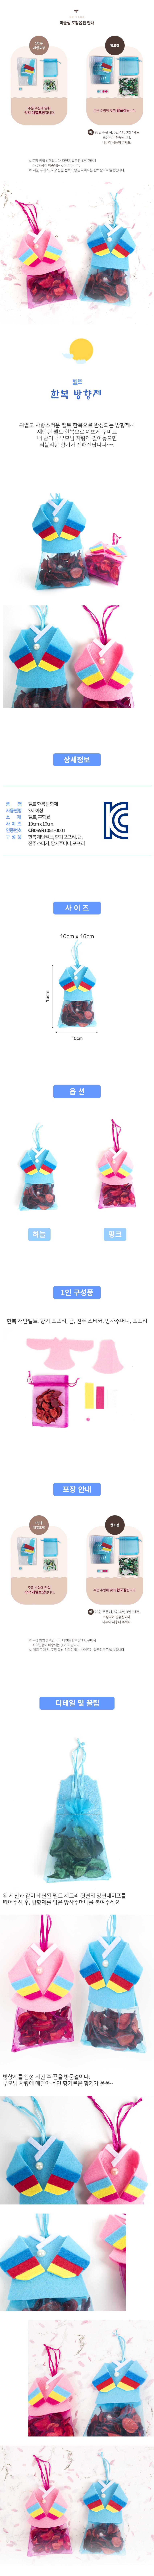 펠트한복 방향제 5인용 - 미술샘, 10,000원, 펠트공예, 열쇠고리/소품 패키지